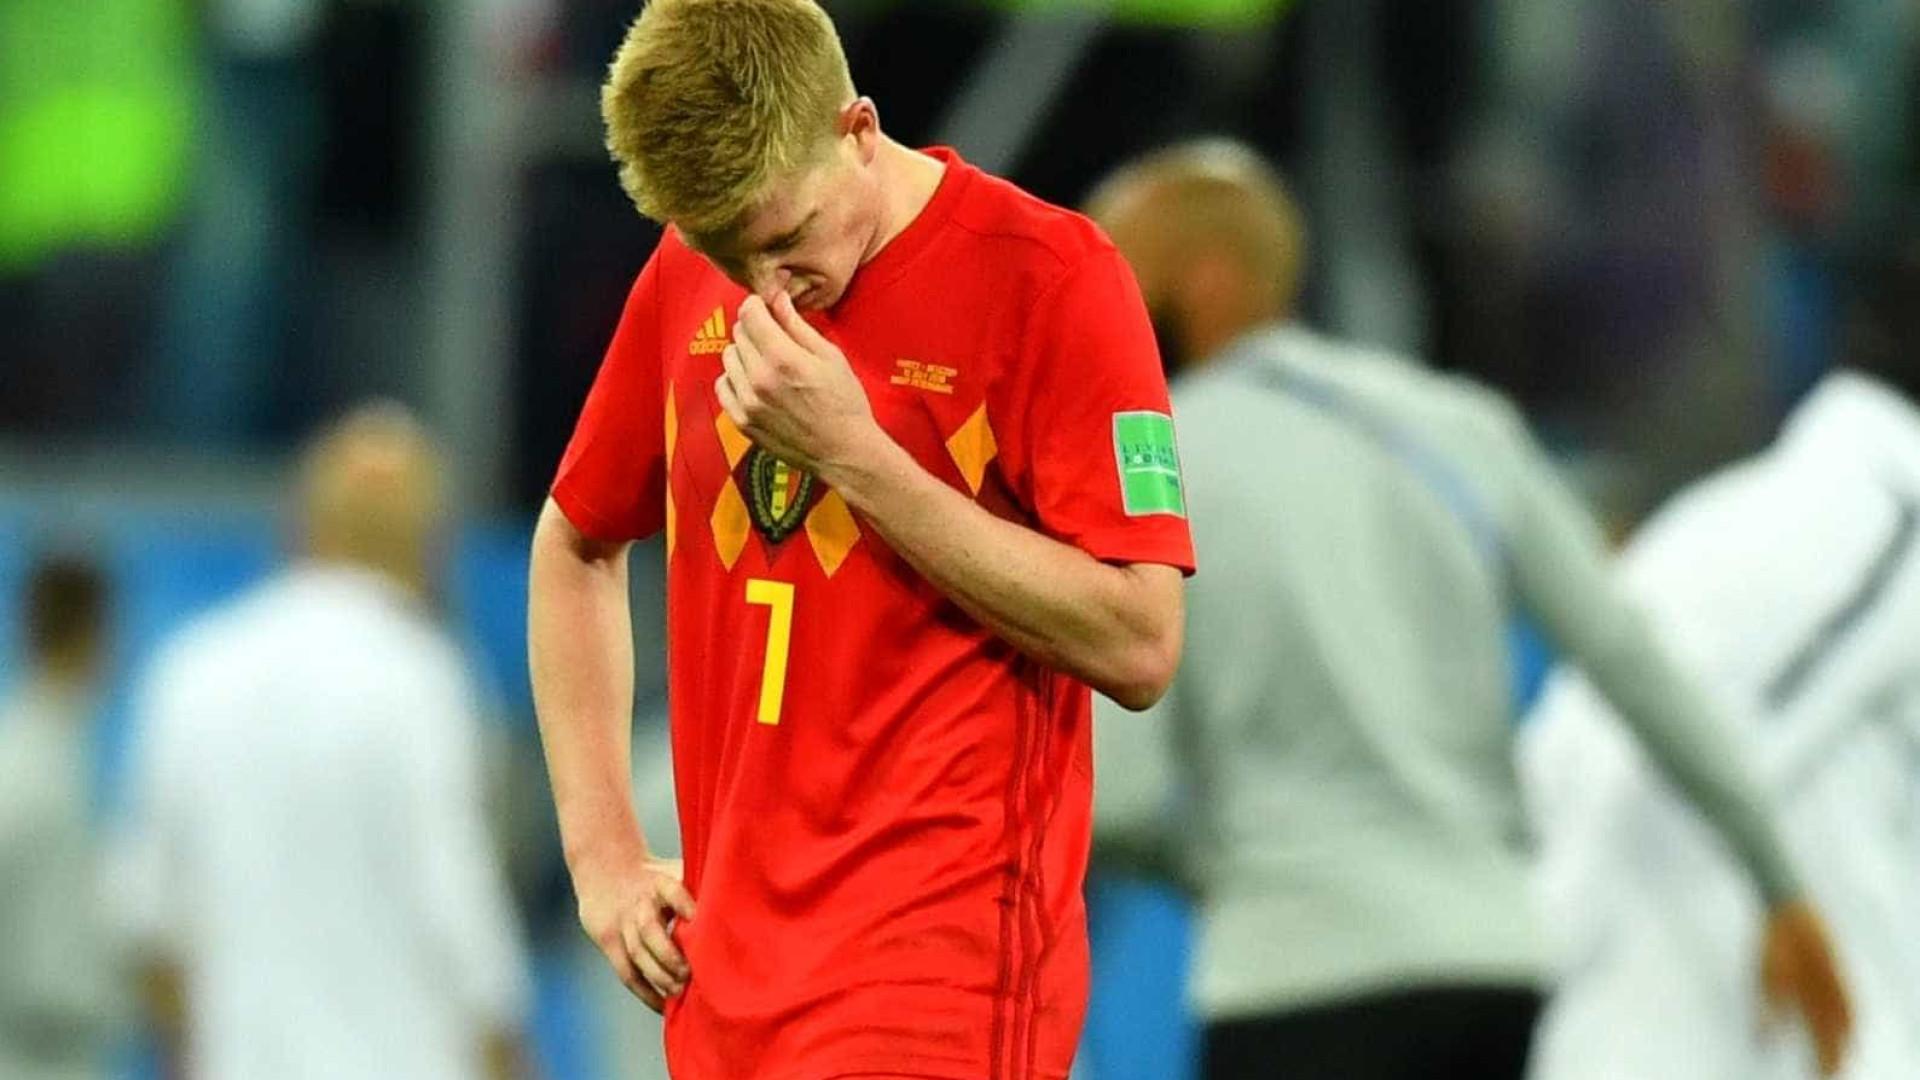 Para De Bruyne, a Bélgica foi melhor que a França